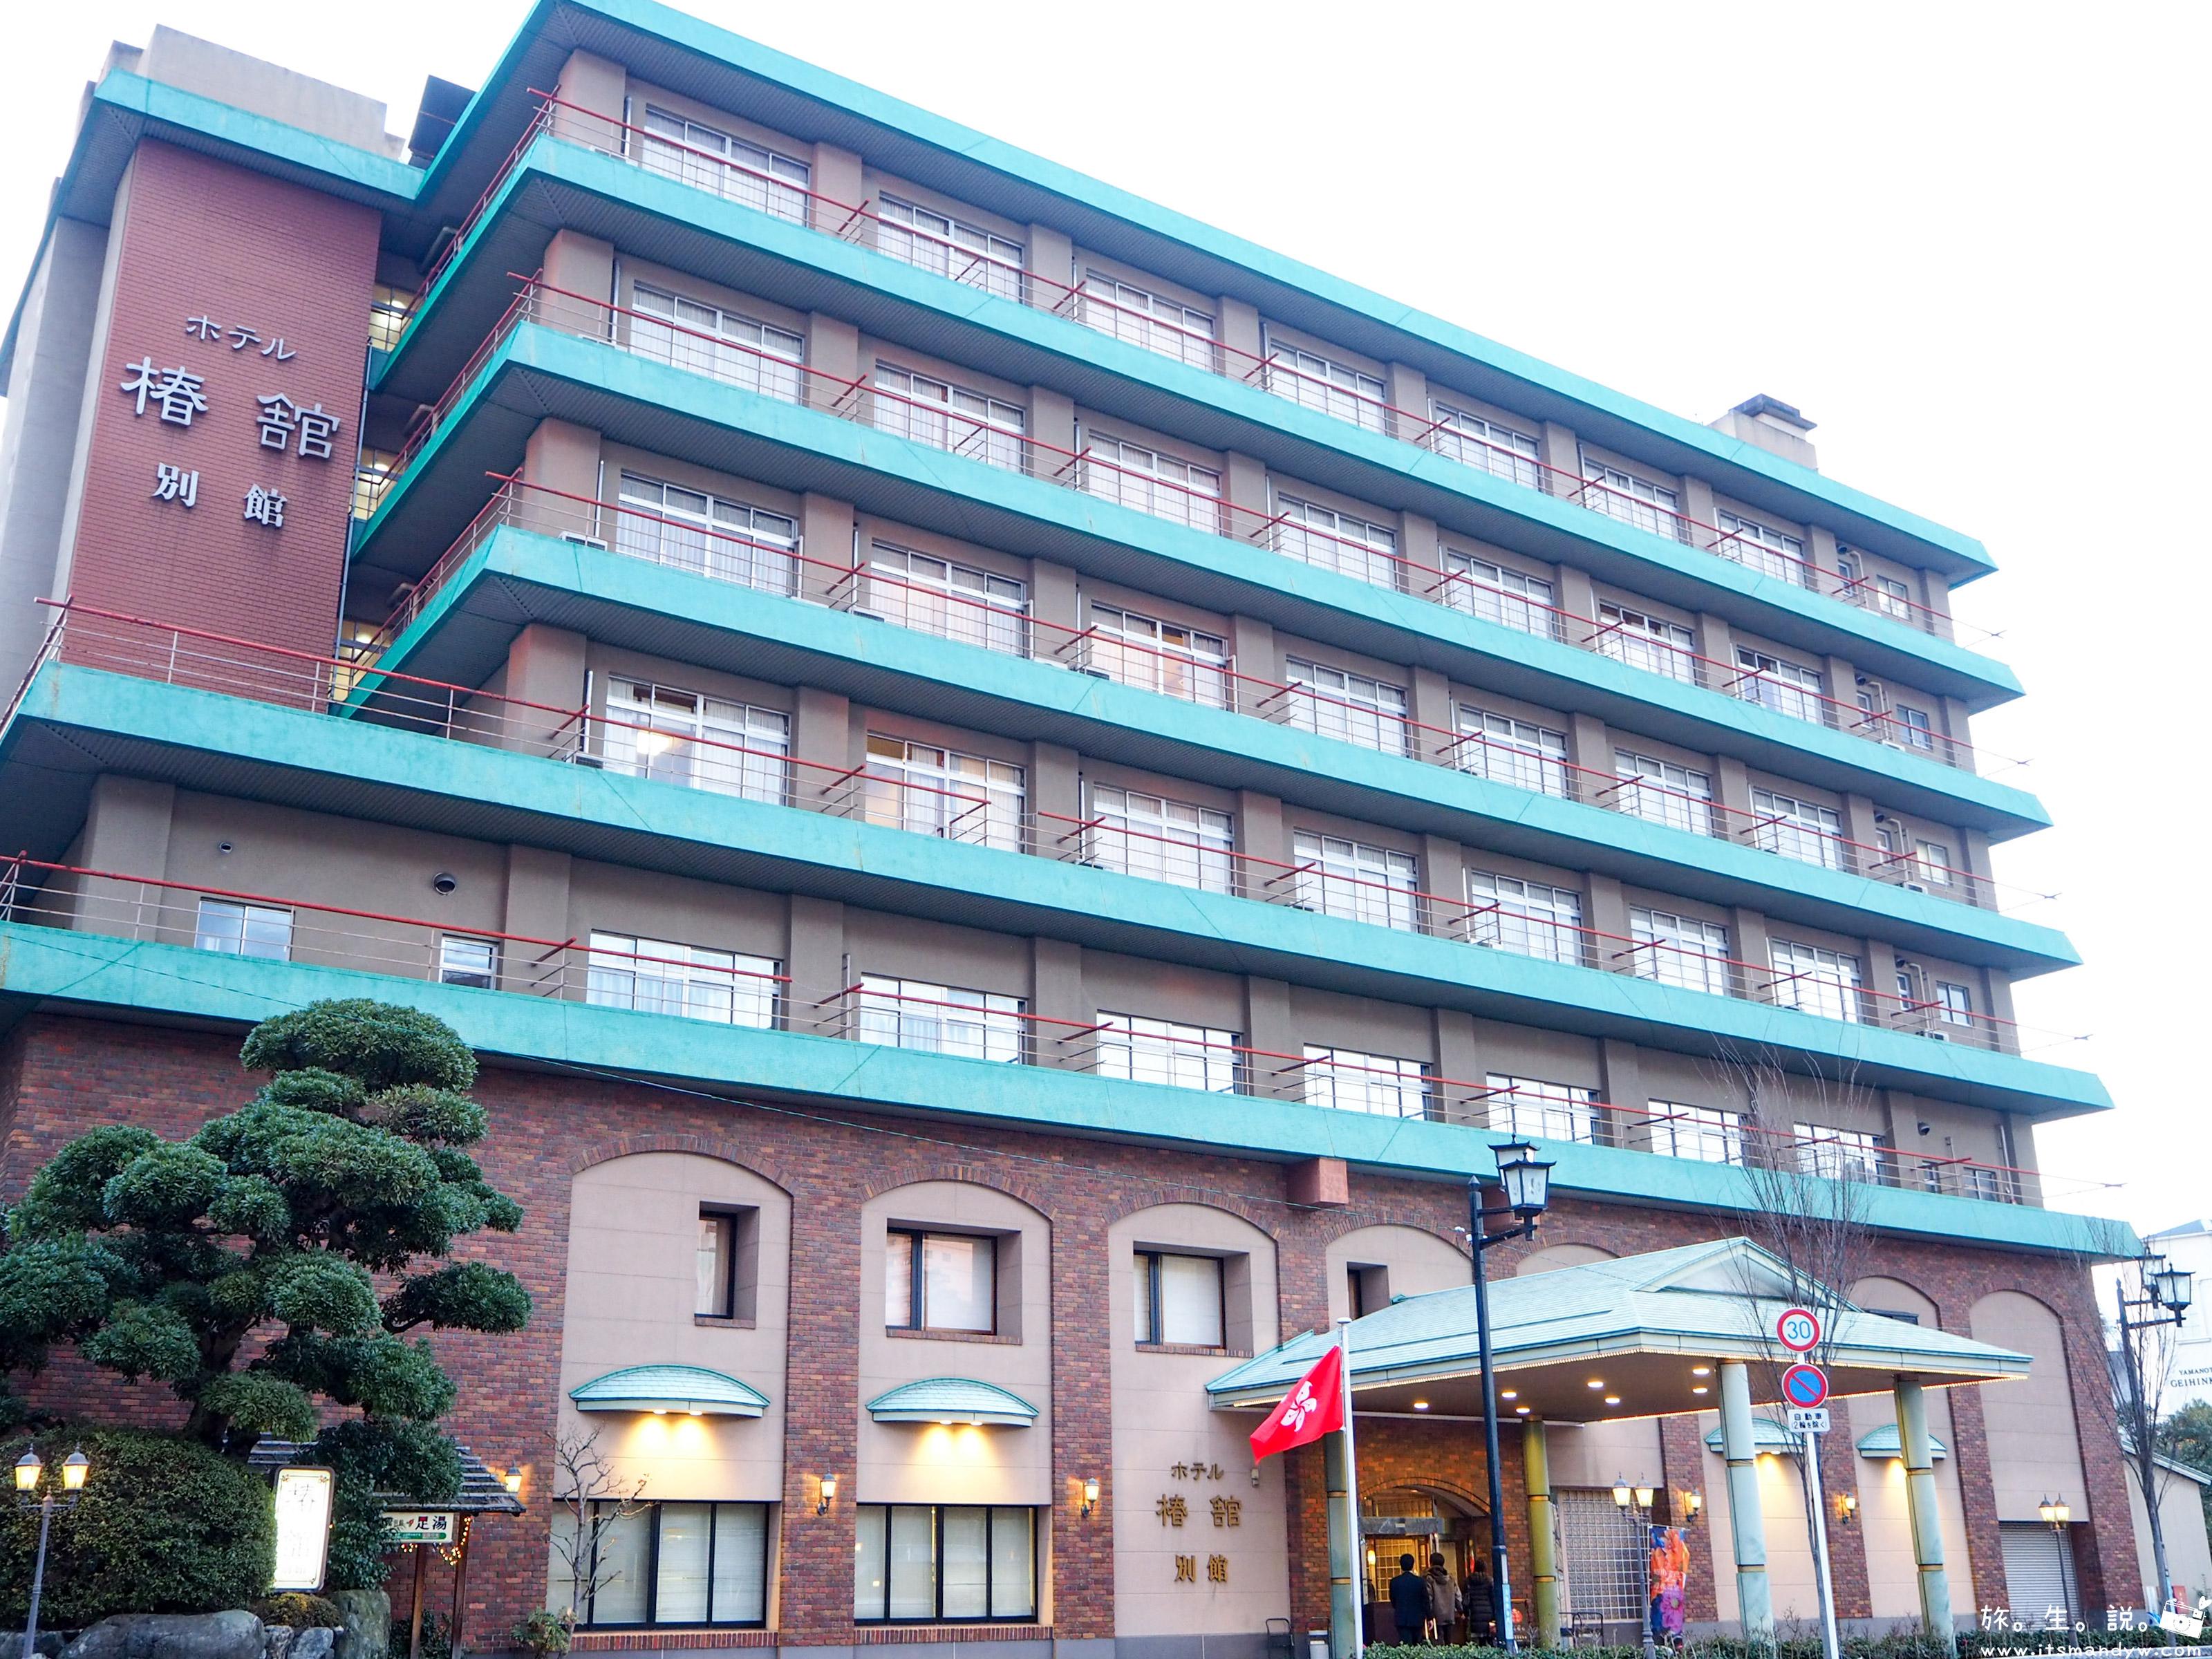 【日本】 松山市 散策 – 松山城、道後溫泉、少爺列車